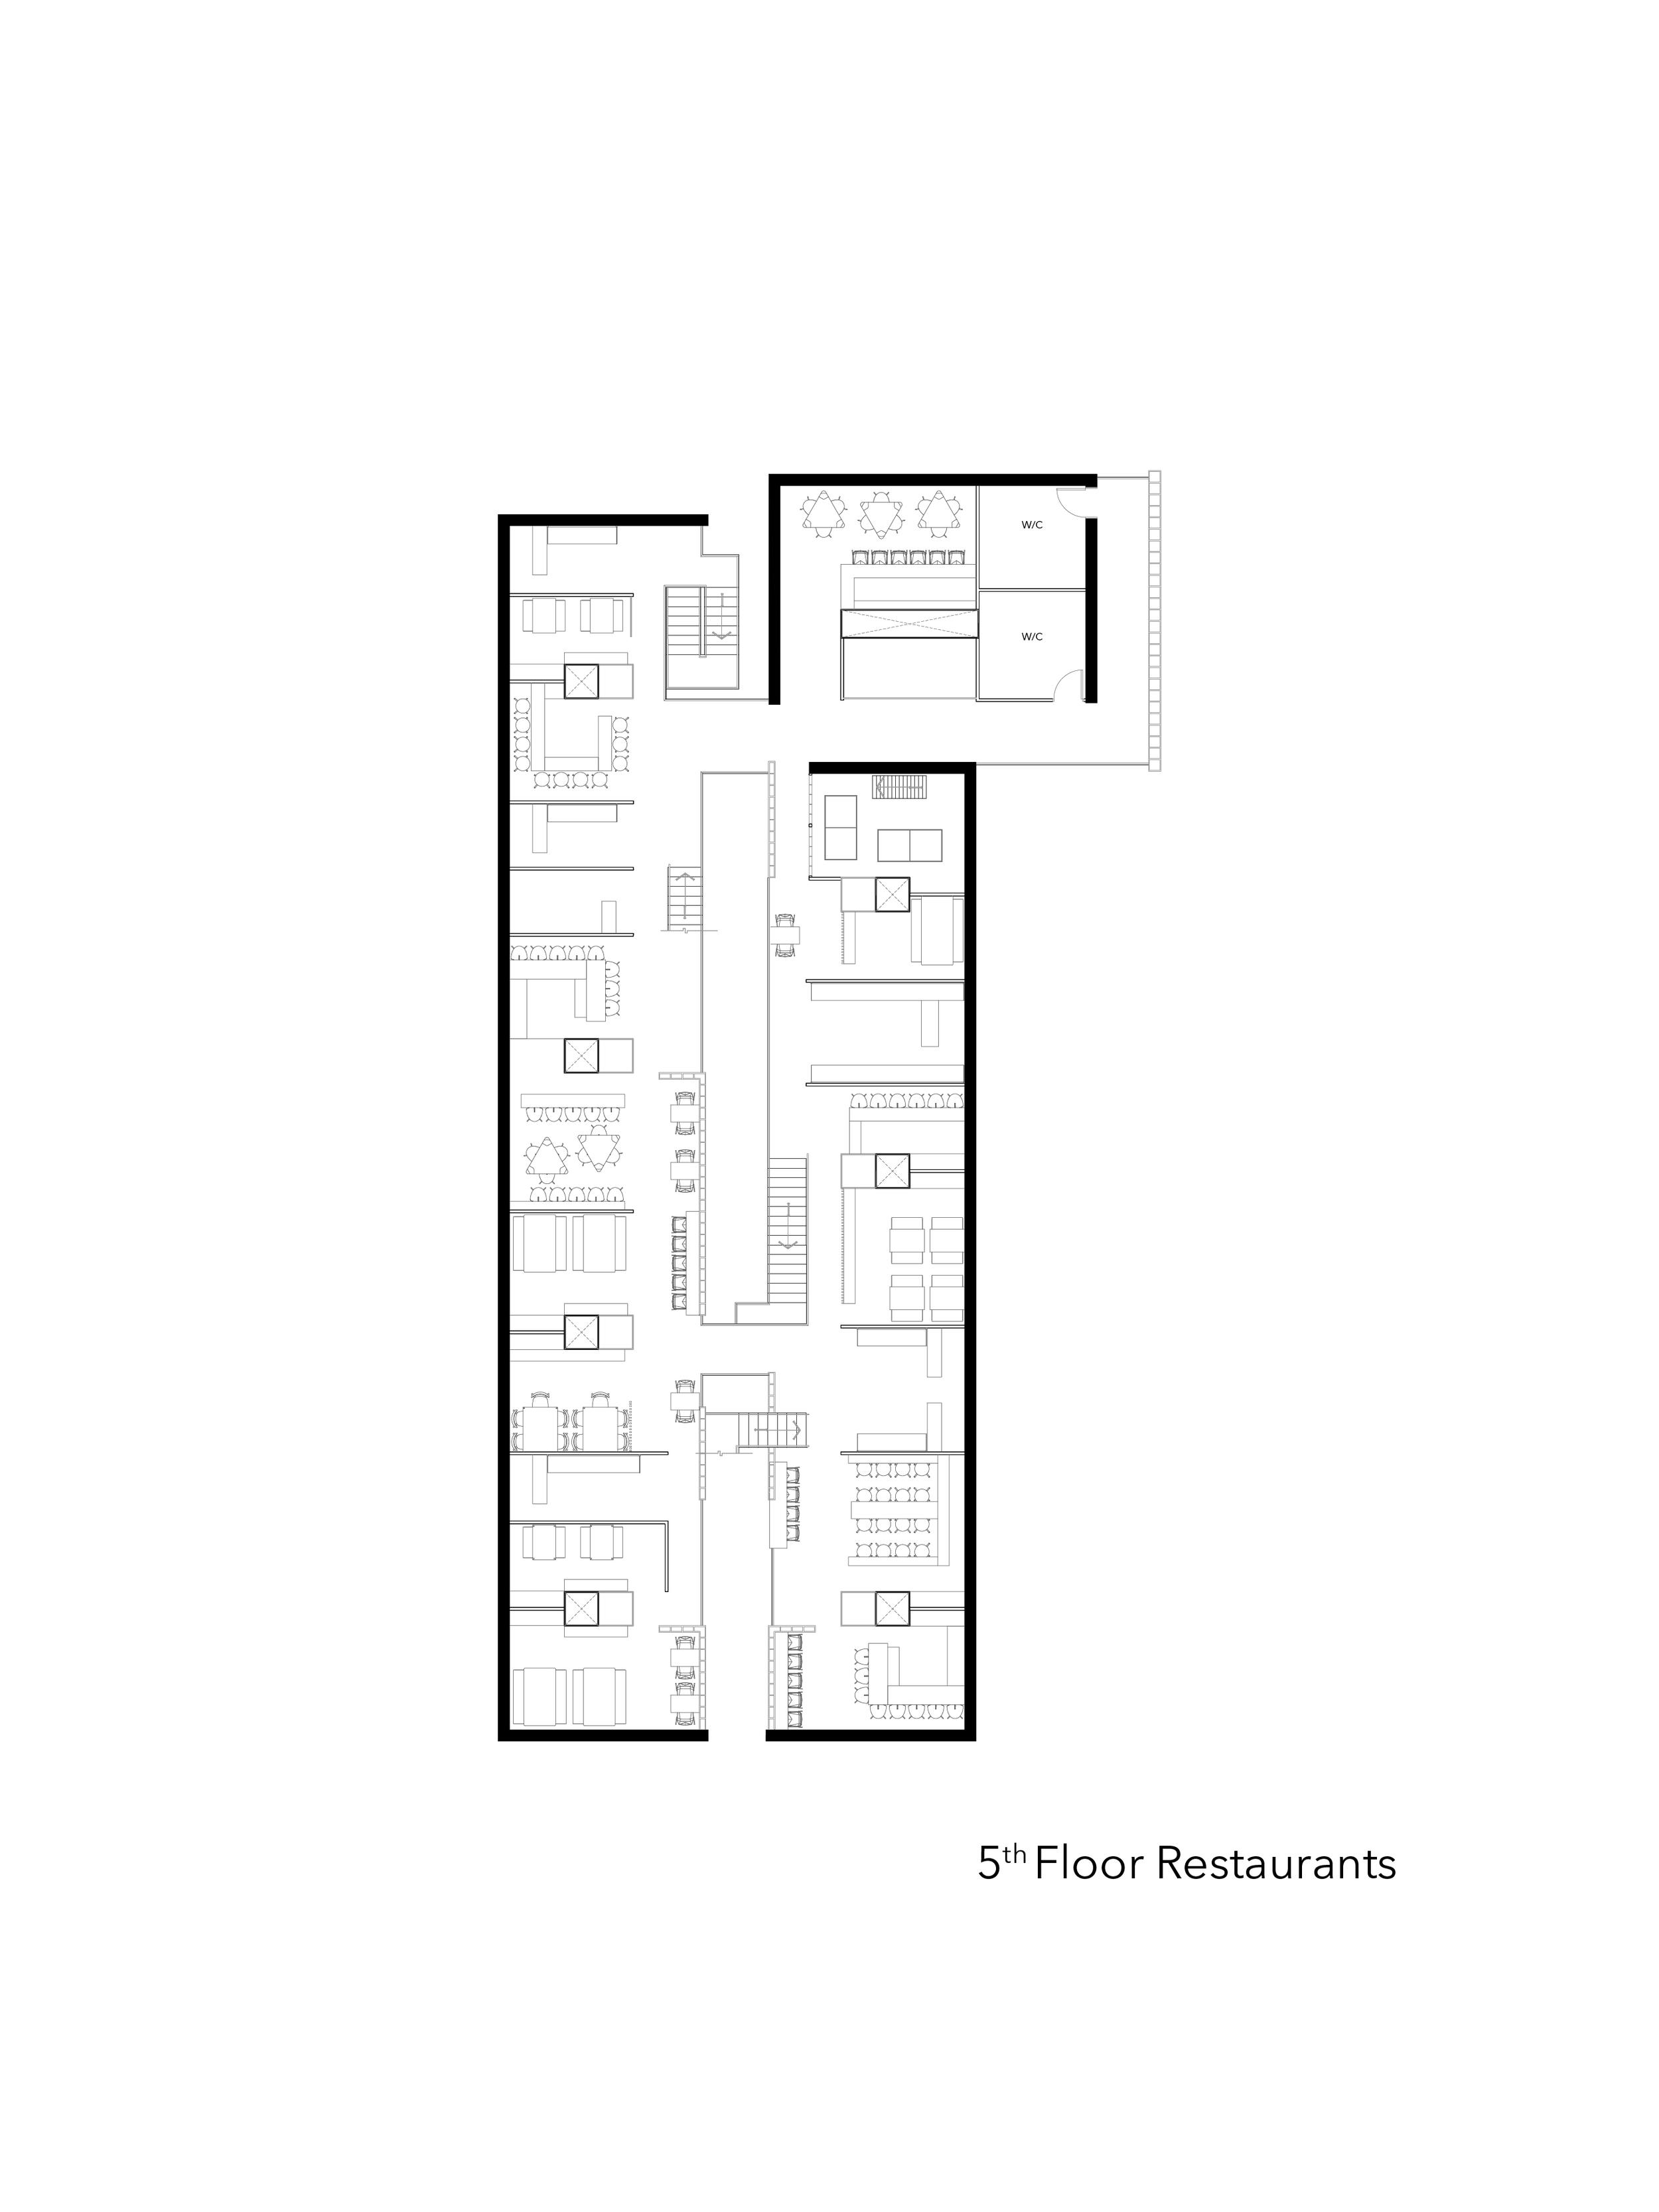 floorplans-05.jpg